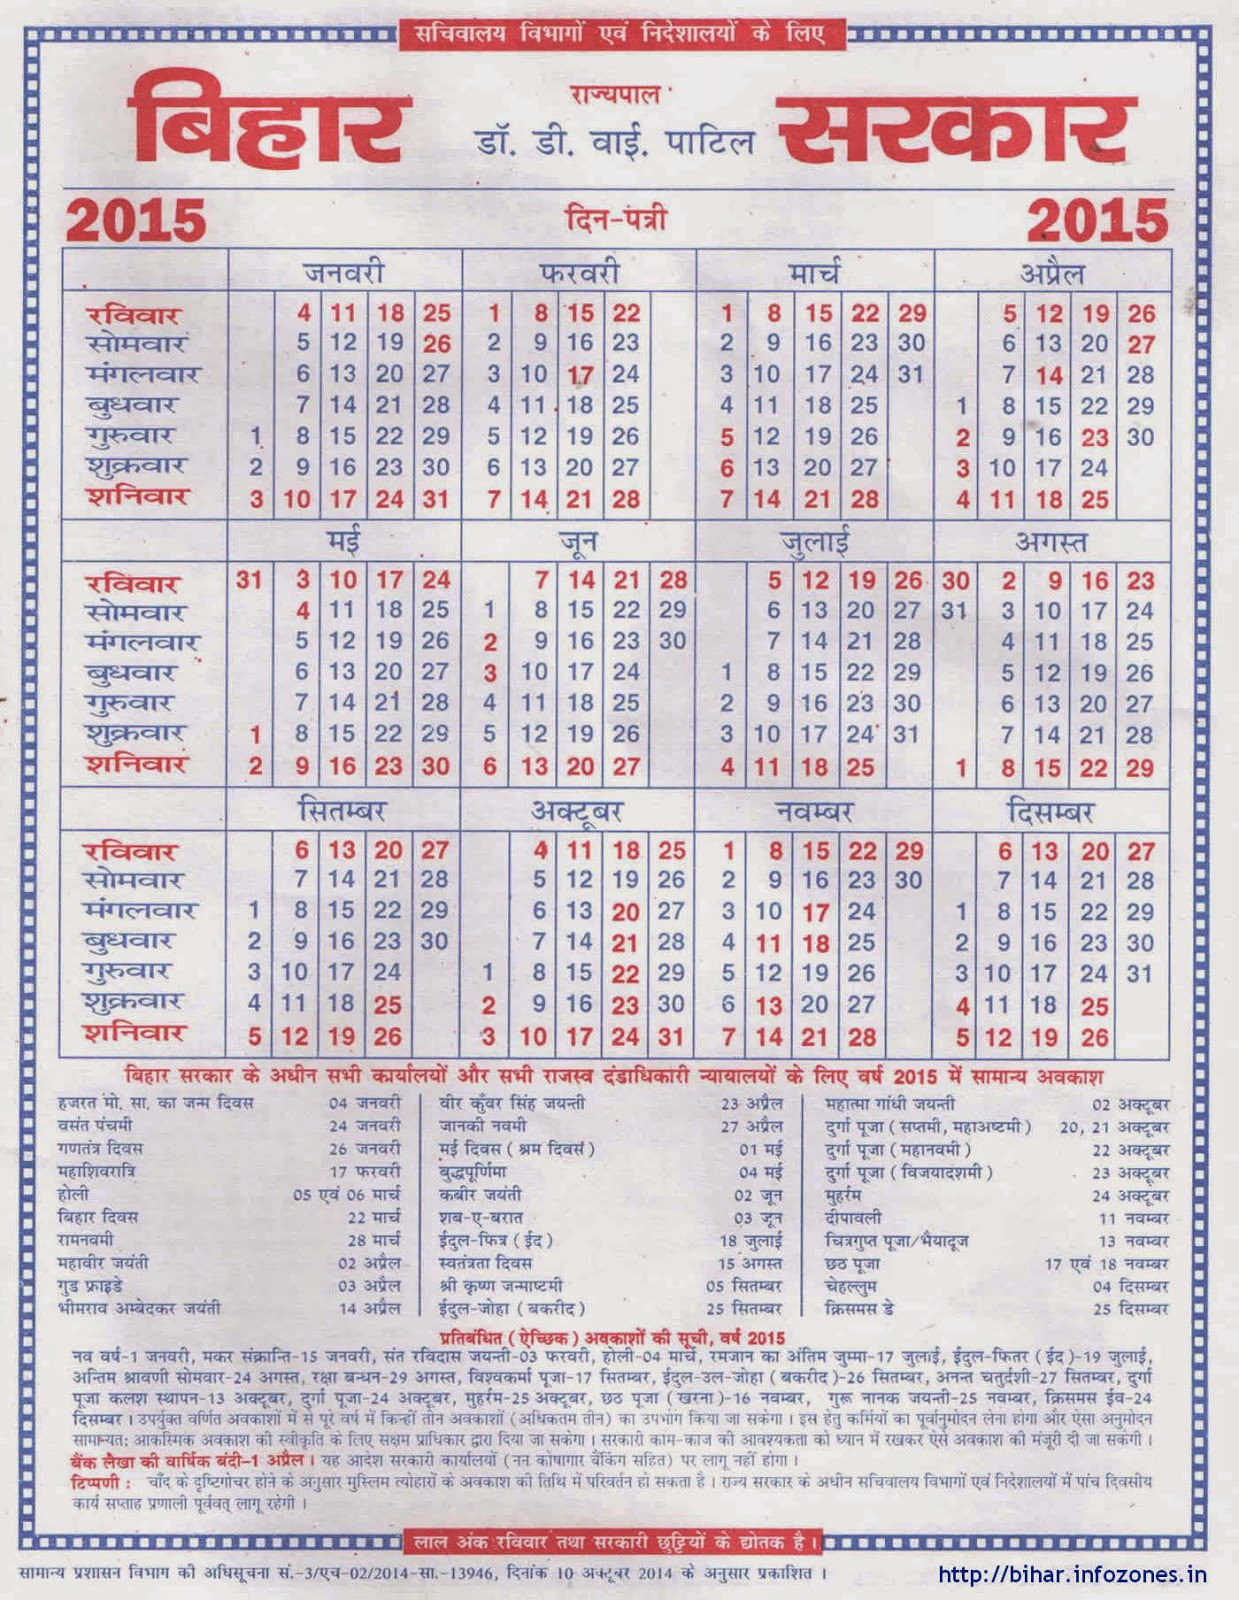 Bihar Government Calendar 2015 with Bihar Sarkar Calendra